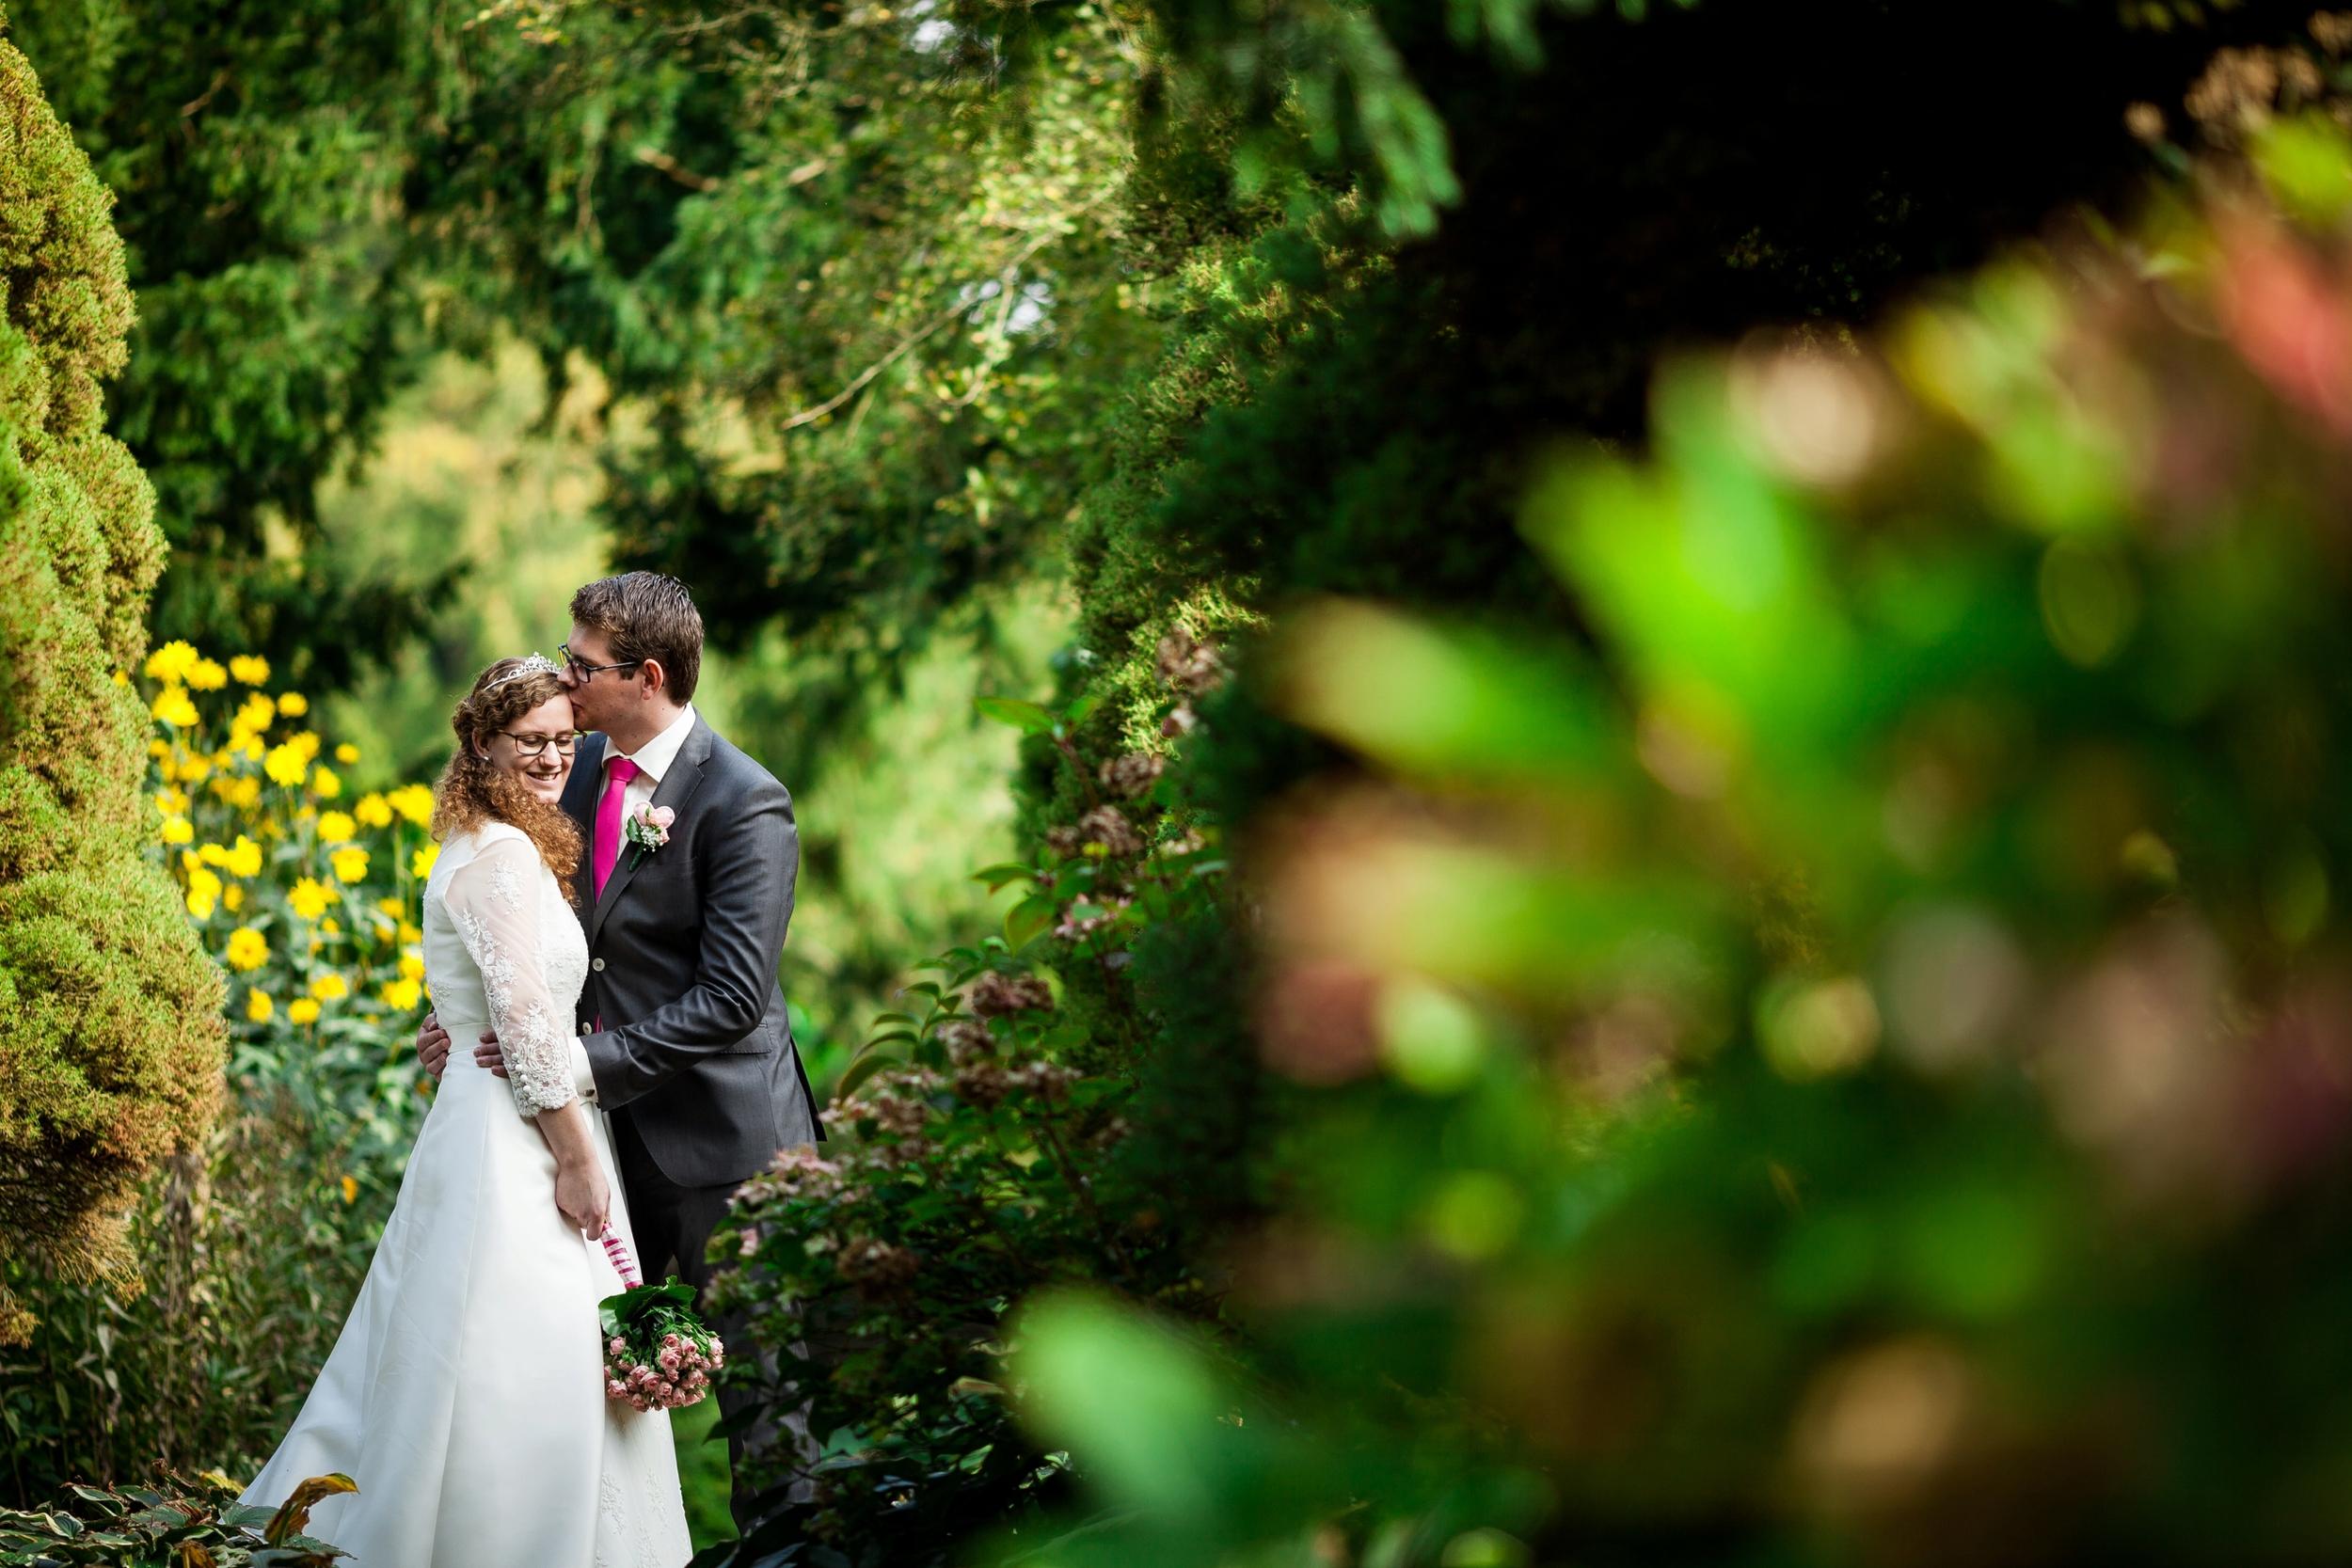 bruidsfotograaf-ede-utrecht-trouwfotograaf-trouwen-bruiloft_0248.jpg